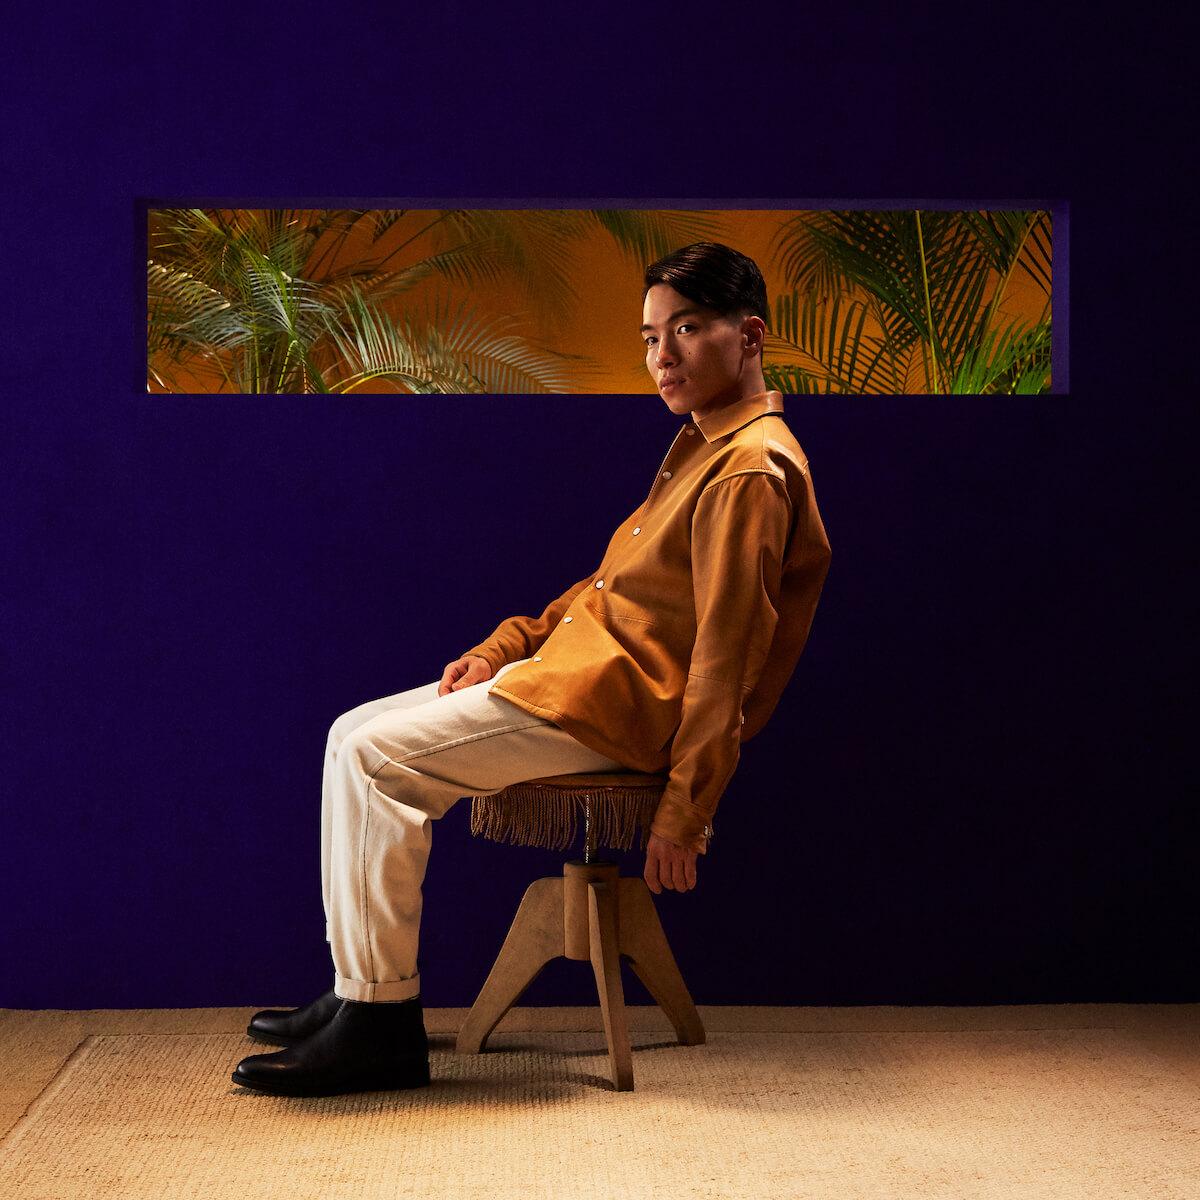 SIRUP、ニューアルバム『FEEL GOOD』から「Evergreen」を先行配信|トム・ミッシュのサポートアクトも決定 music190519_sirup_1